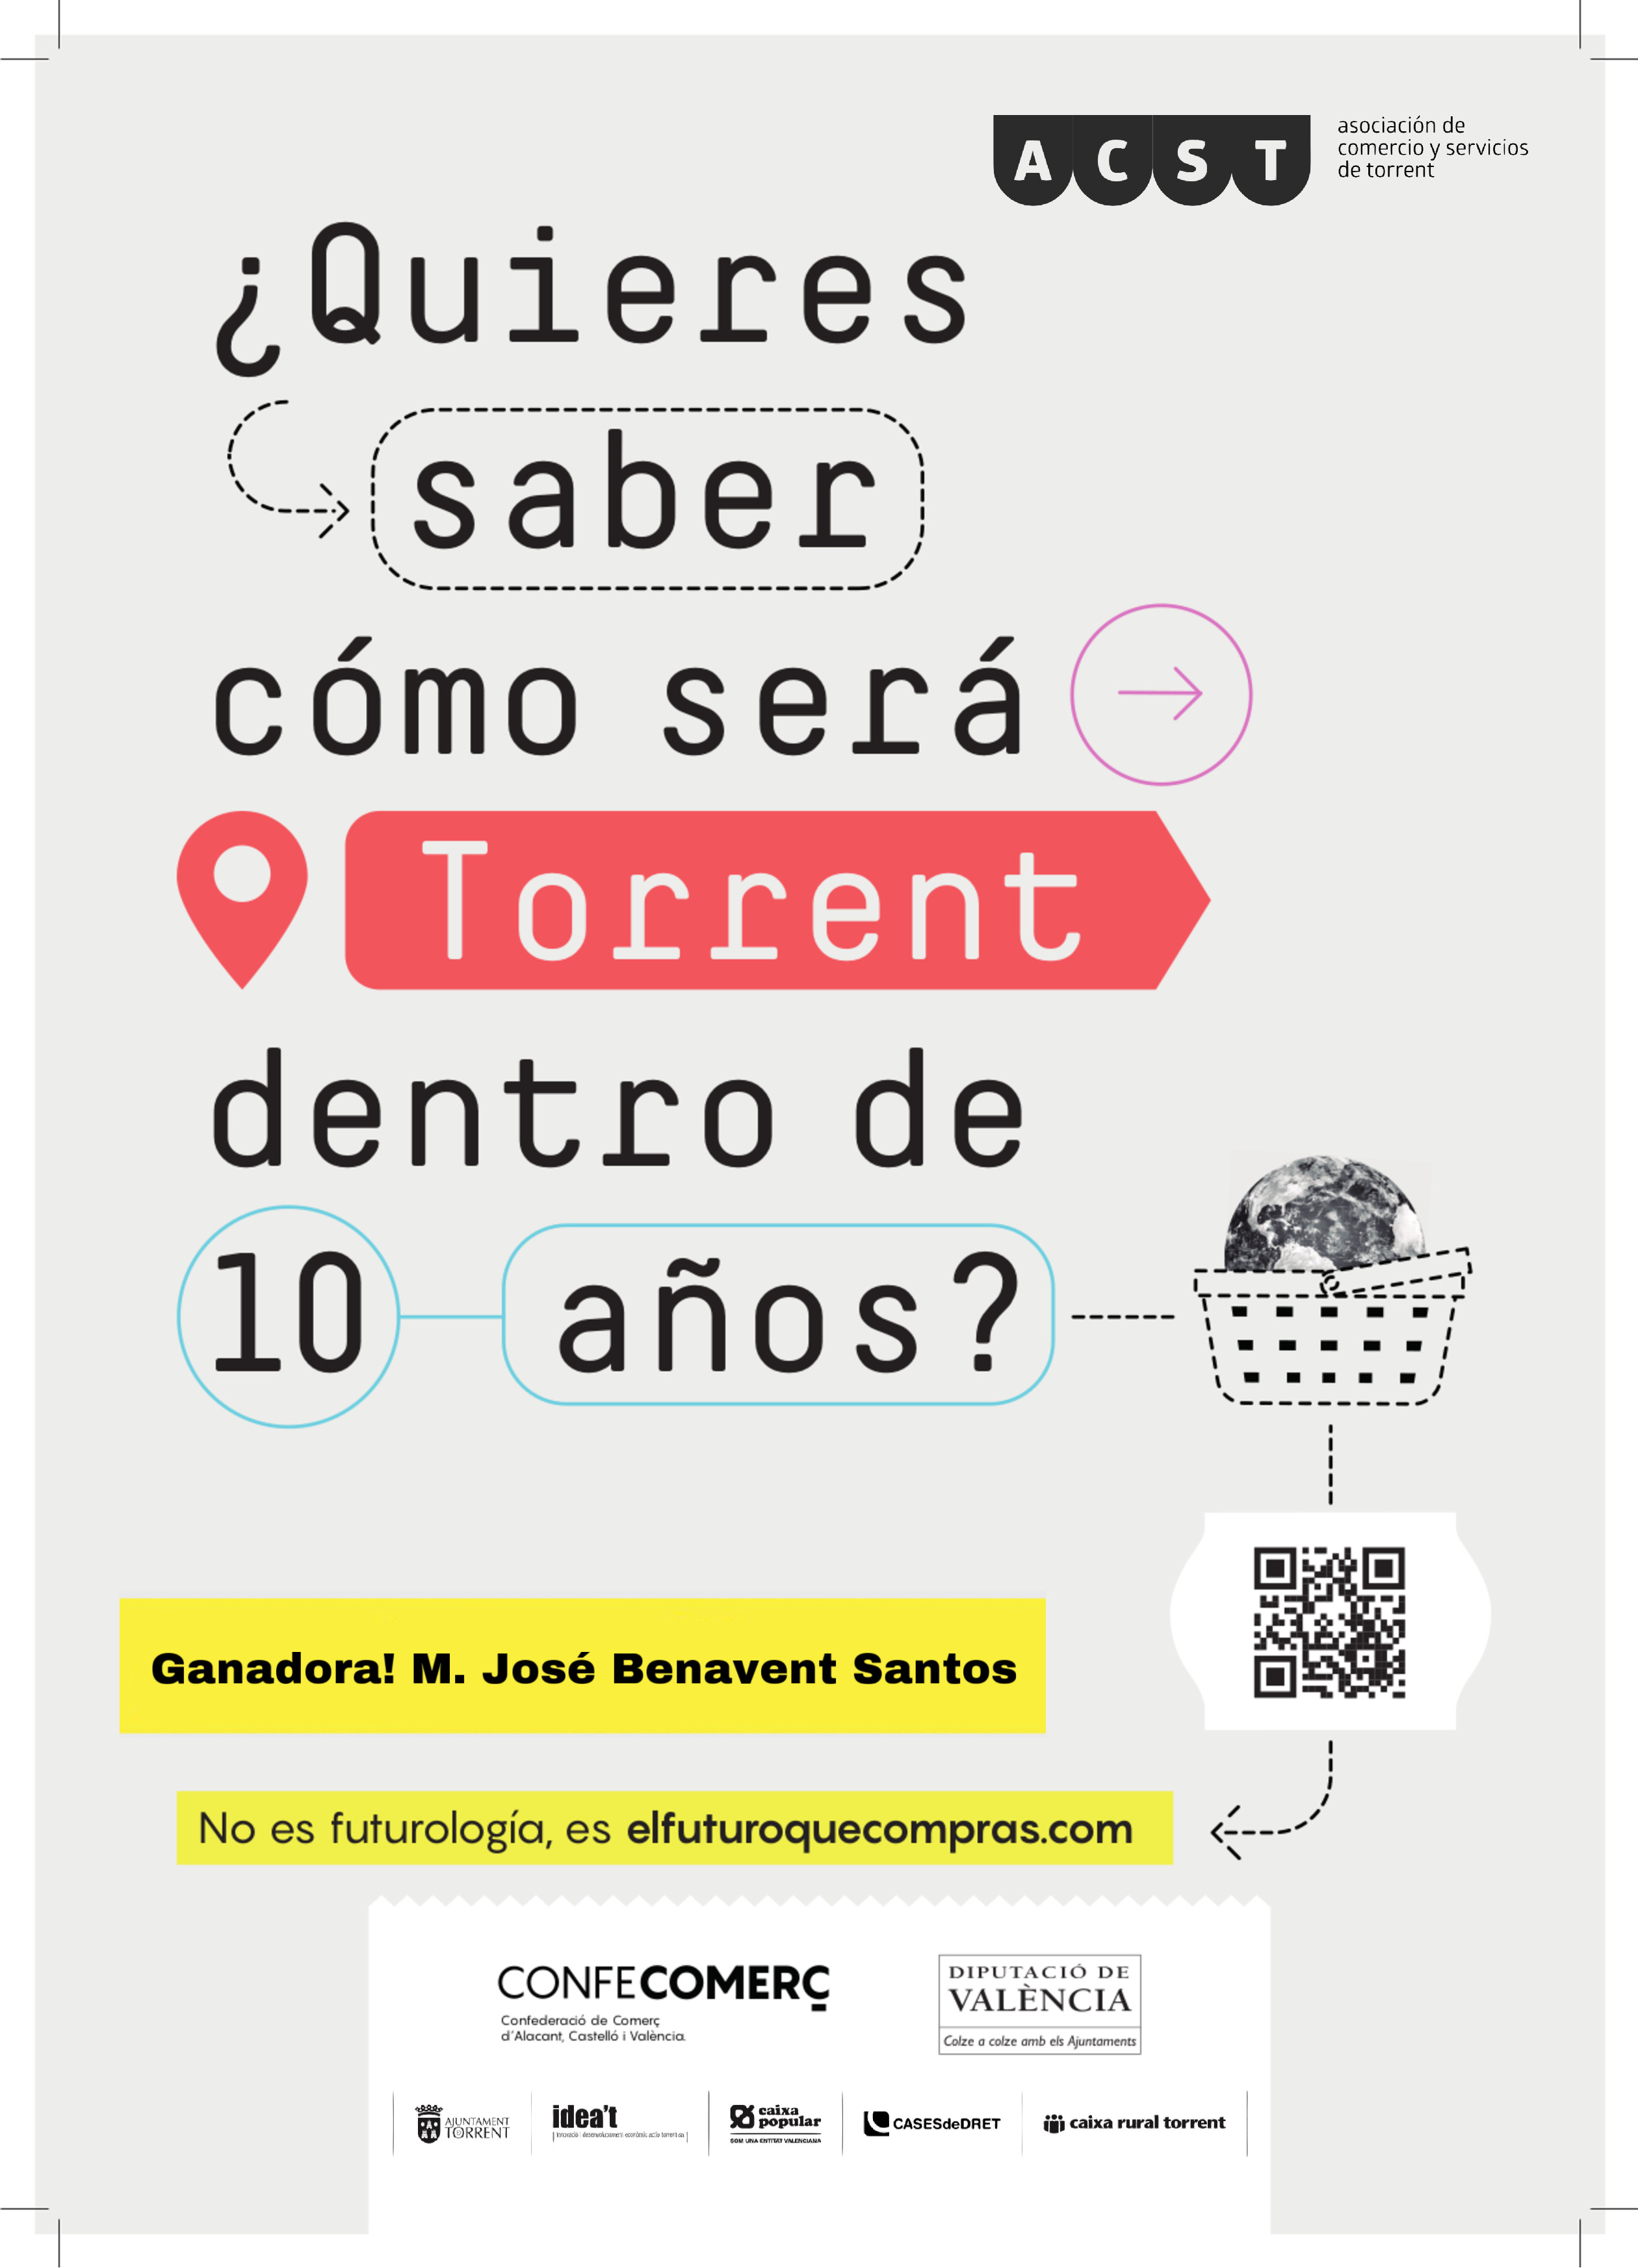 """Ya tenemos Ganadora de la Campaña """"#ElFuturoQueCompras"""" en Torrent !!!"""